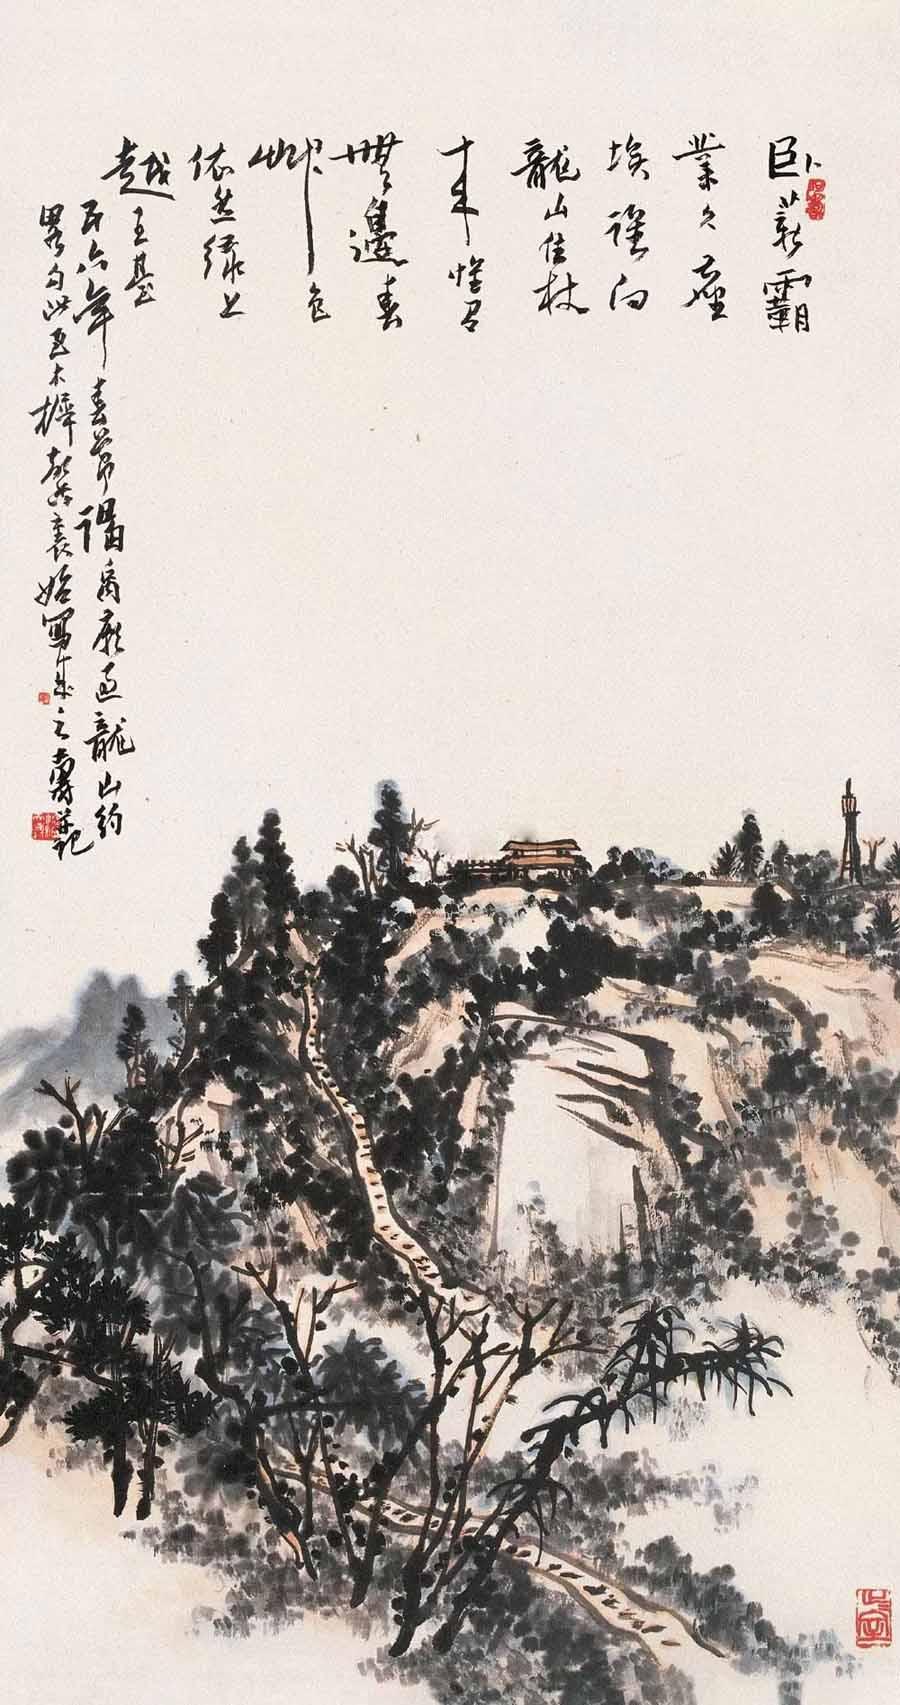 潘天寿 1956年作 山水画 102×55cm